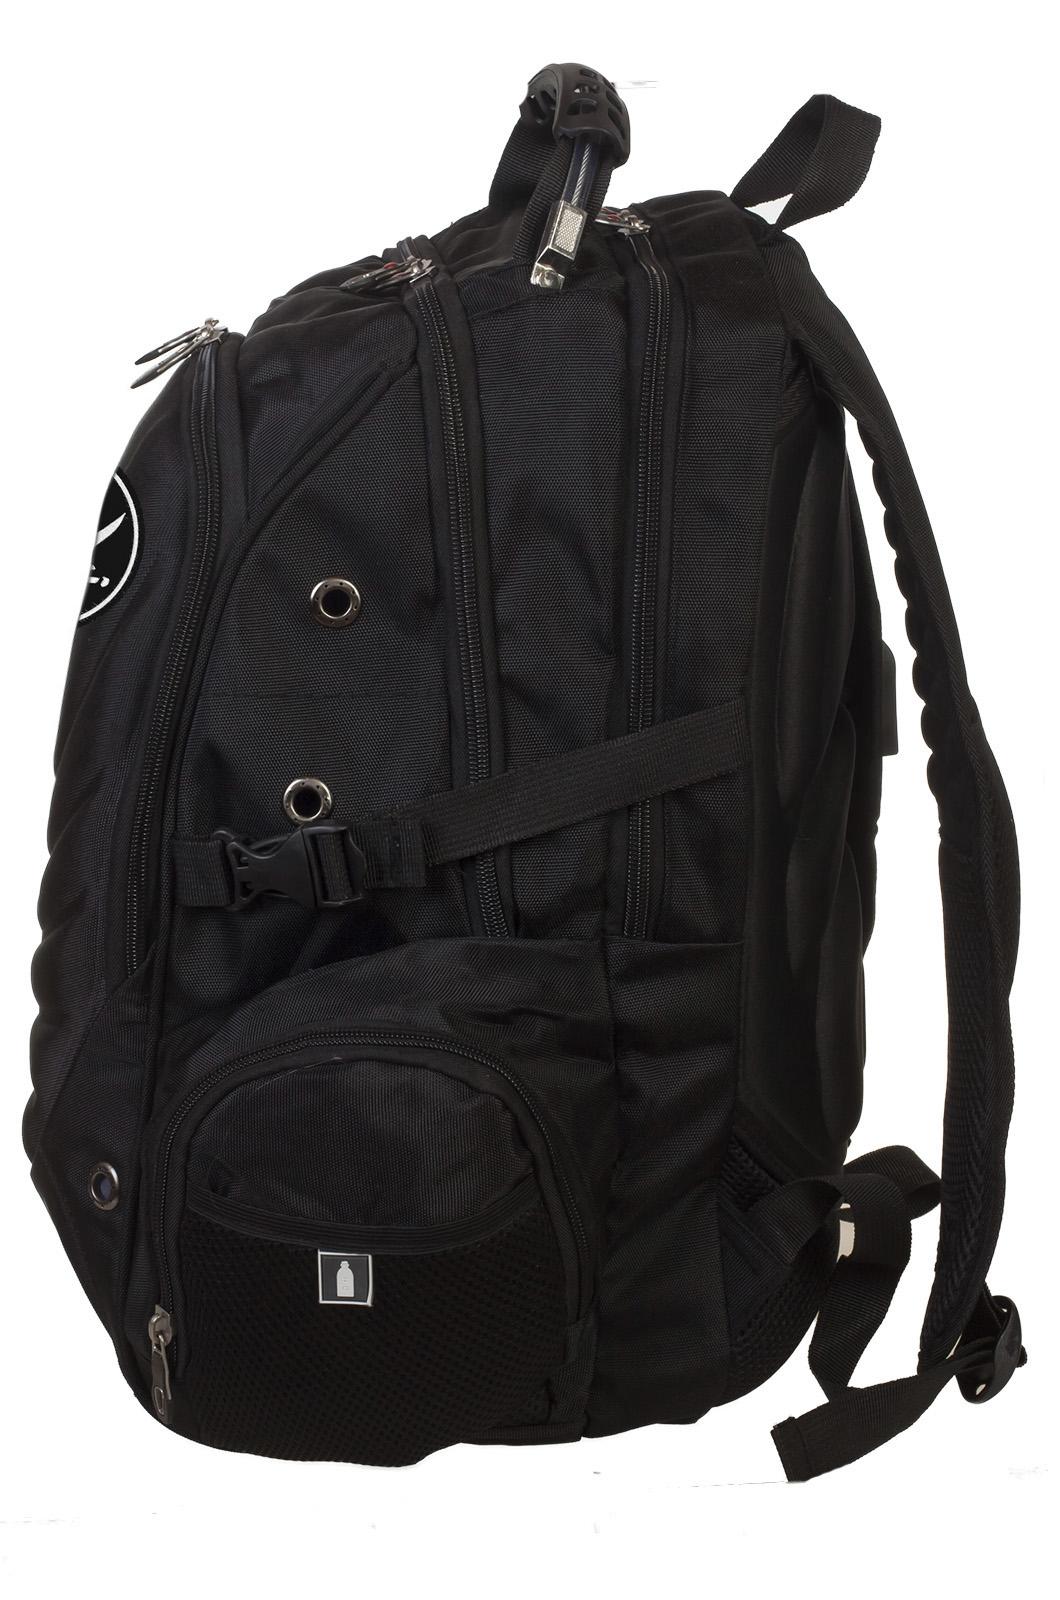 Черный вместительный рюкзак с нашивкой Пиратский флаг - заказать с доставкой